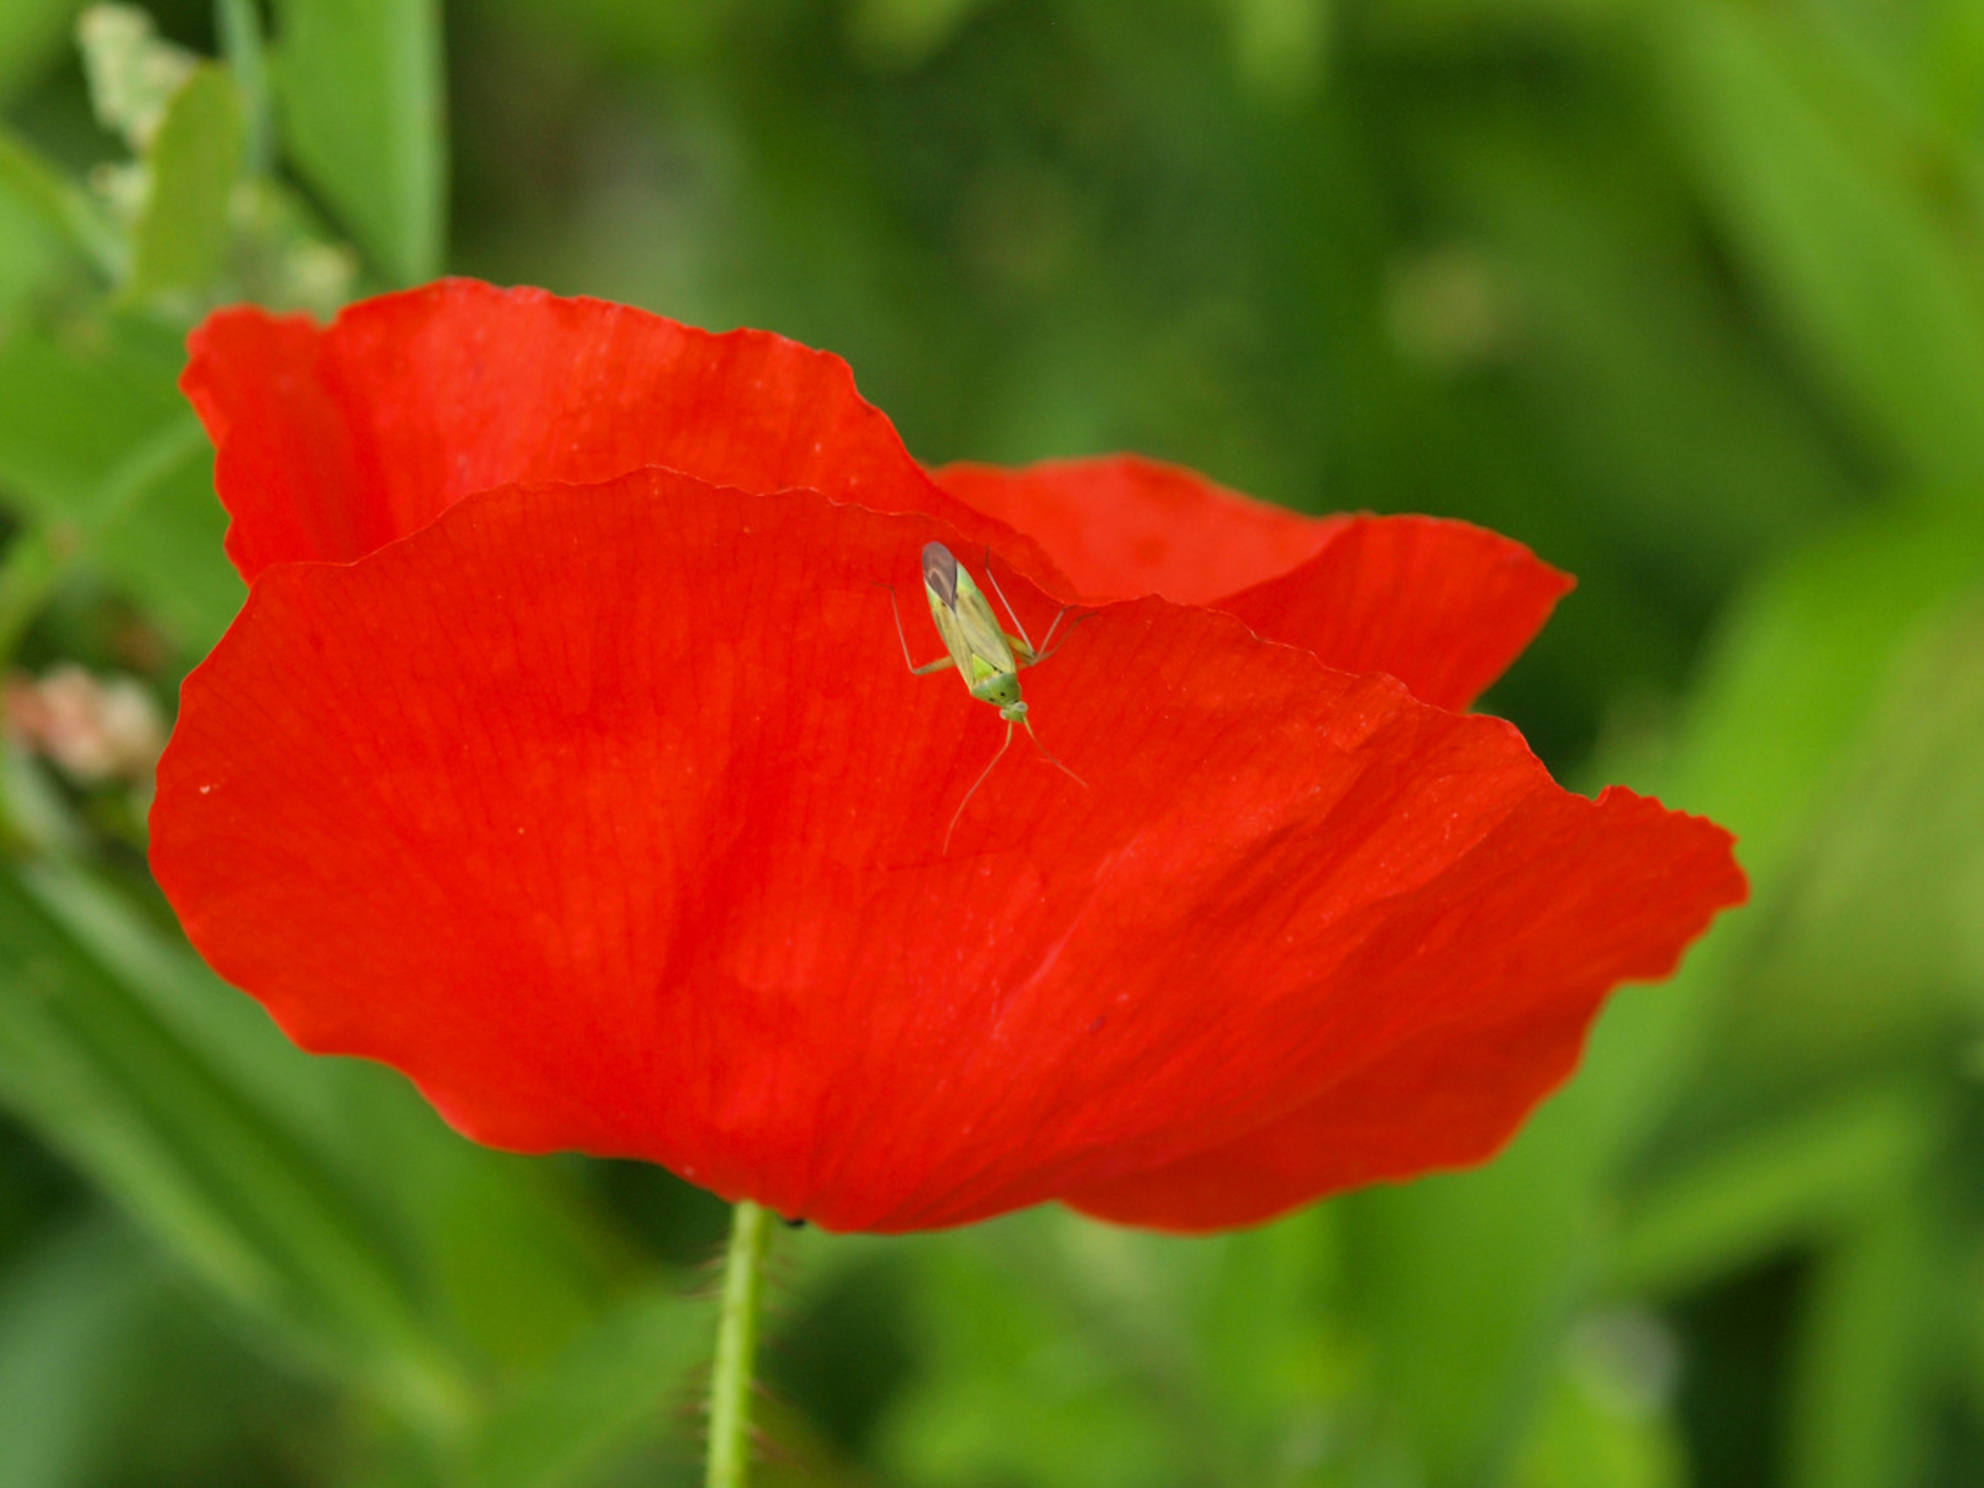 Klaproos - Heb een mooi plekje met veldbloemen gevonden met o.a. klaprozen,korenbloemen - foto door pomp op 11-07-2013 - deze foto bevat: rood, bloem, natuur, papaver, klaproos, olympus, e3, 105mm - Deze foto mag gebruikt worden in een Zoom.nl publicatie